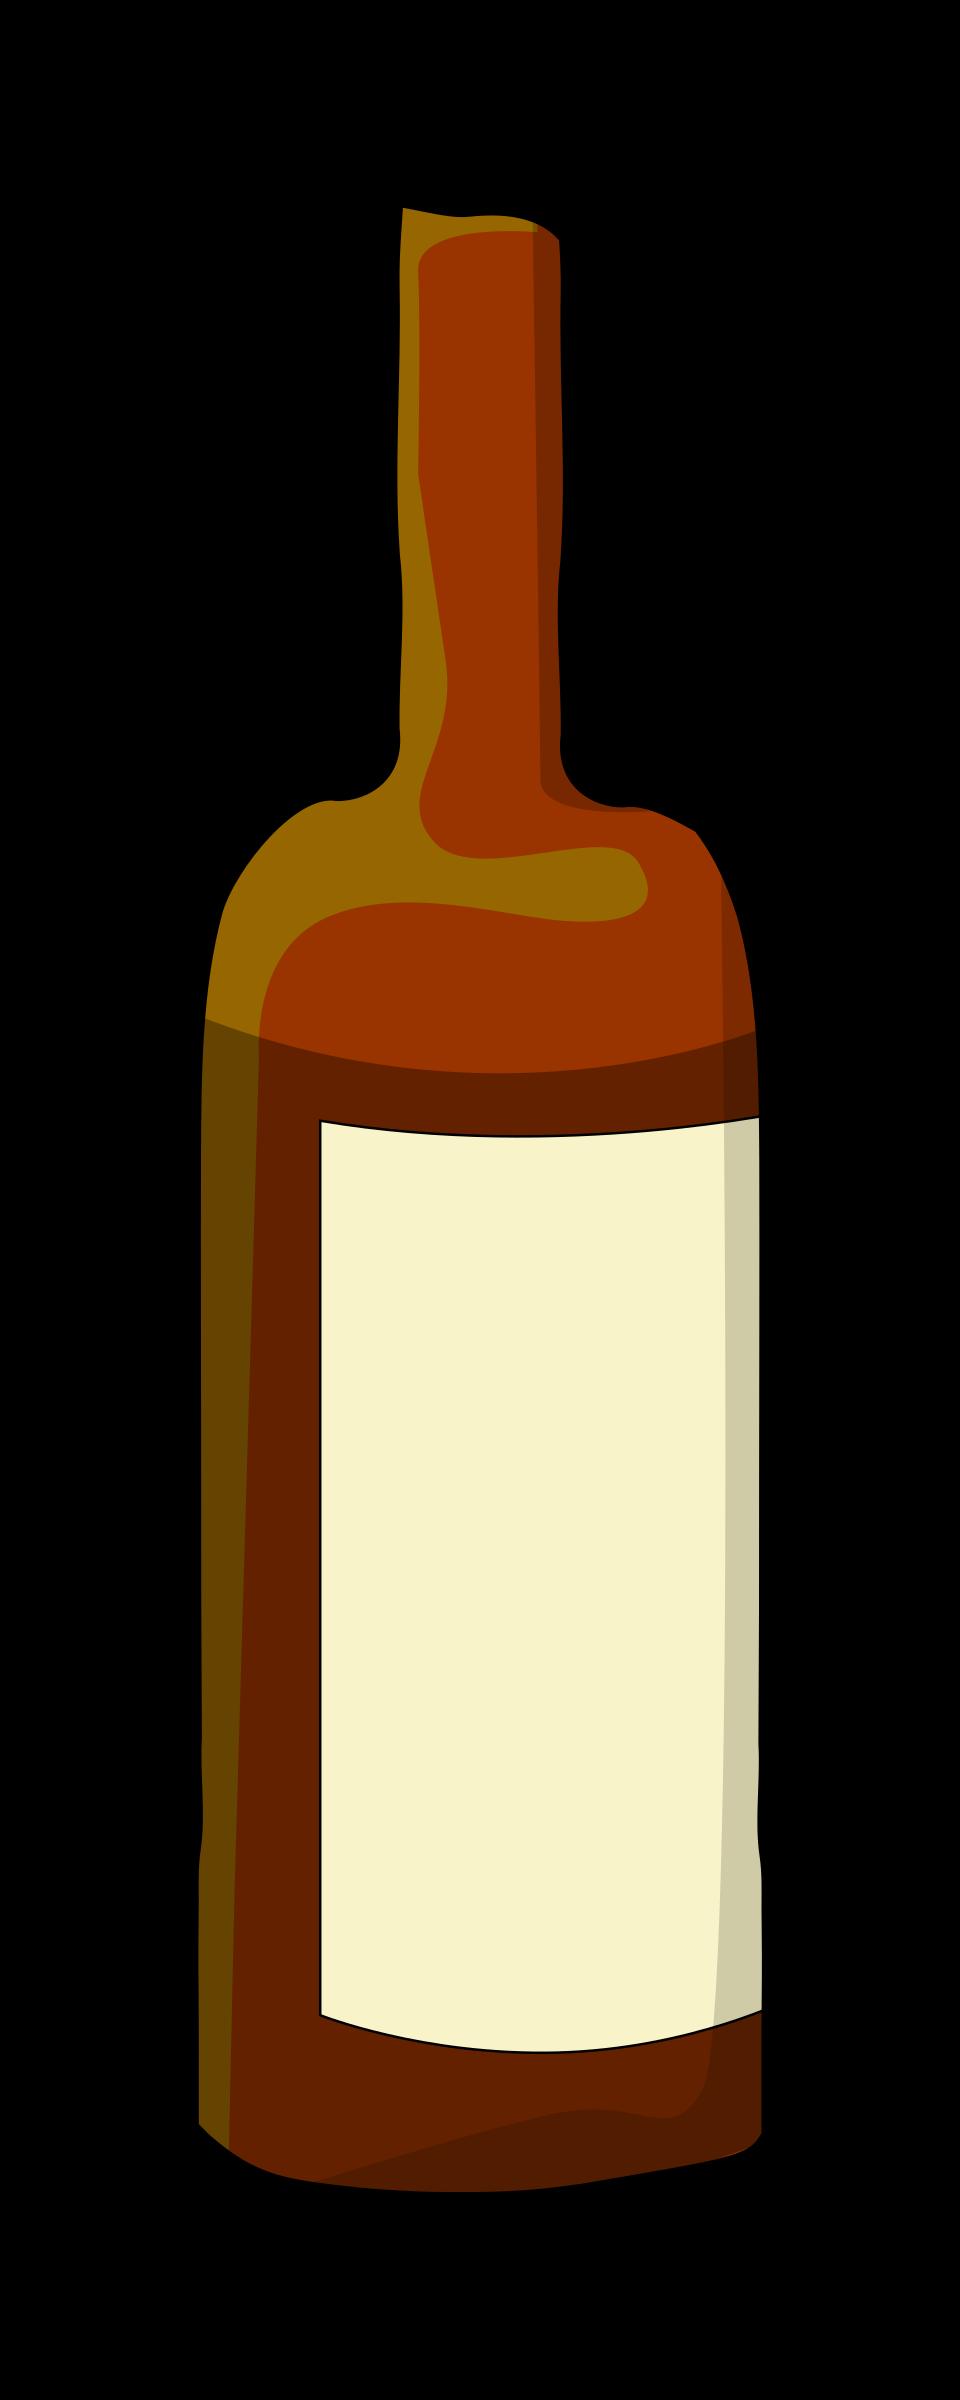 Drinks clipart outline. Wine bottle big image